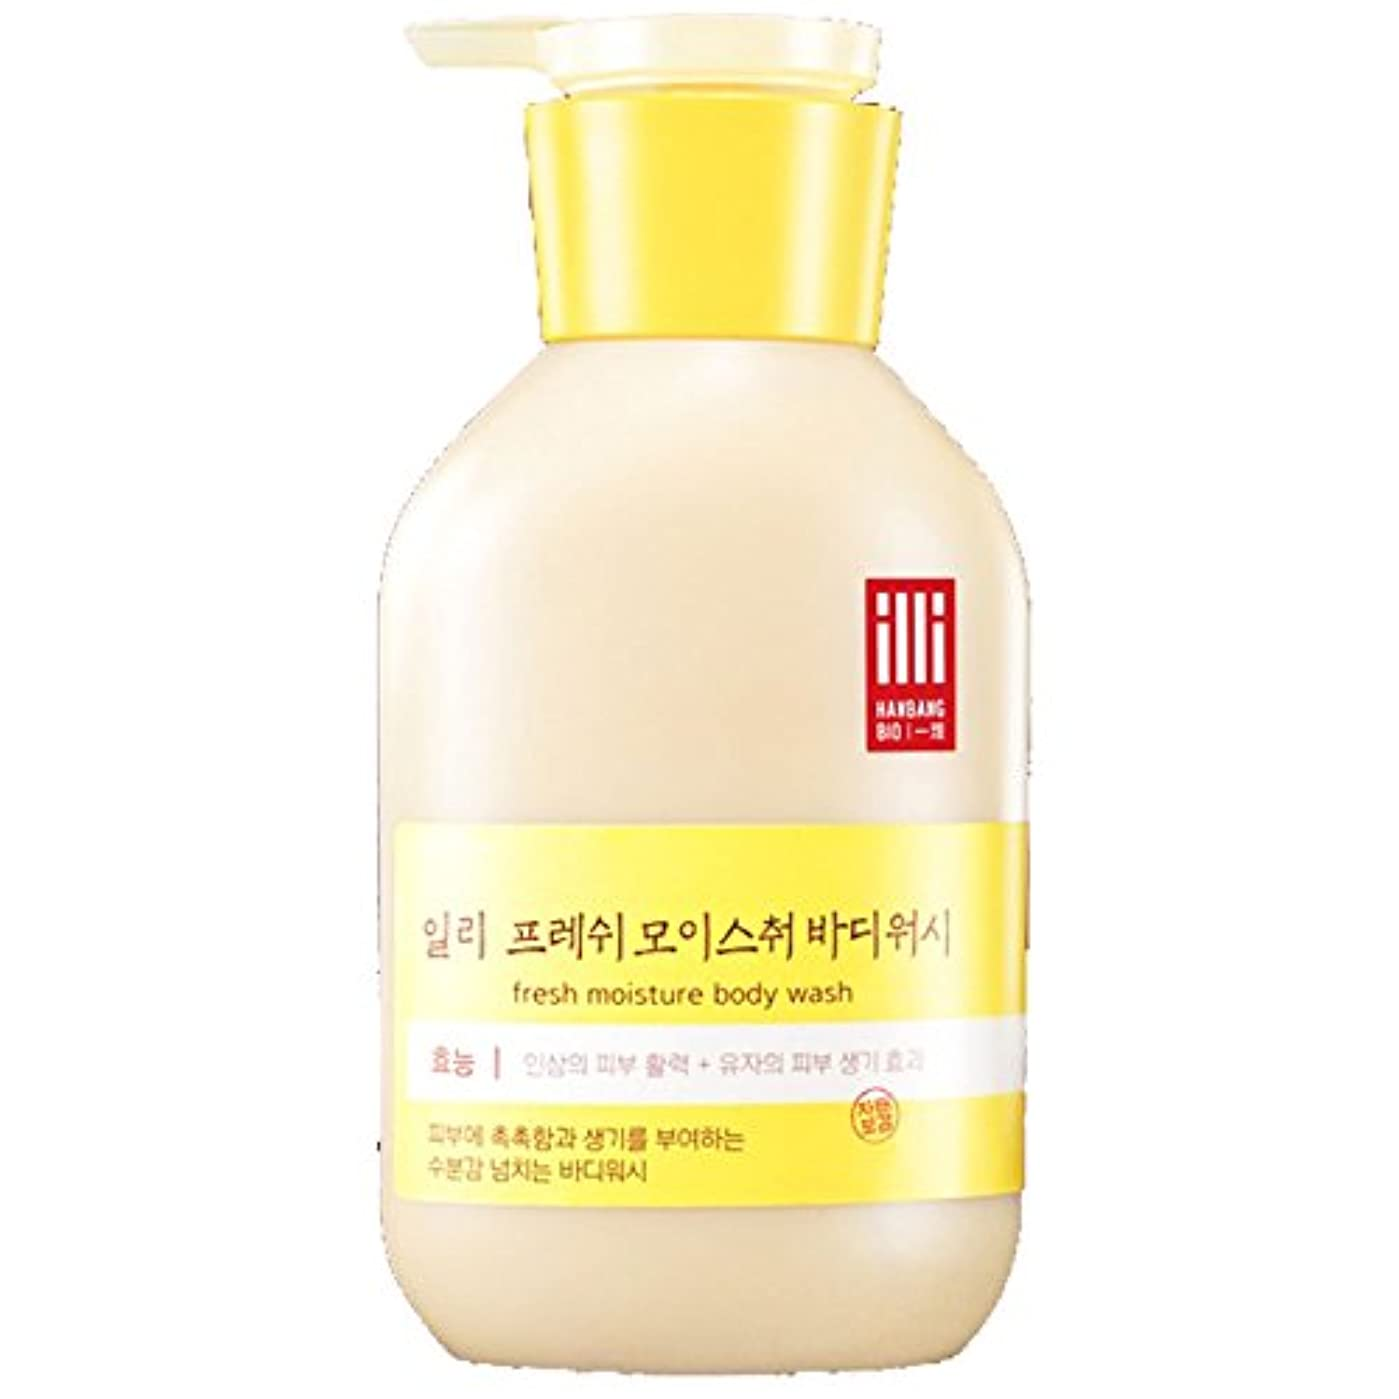 見える傑出したオークランド(アモーレパシフィック ) Amore Pacific illi Fresh Moisture Body lotion 新鮮な水分ボディローション 350ml  (海外直送品)